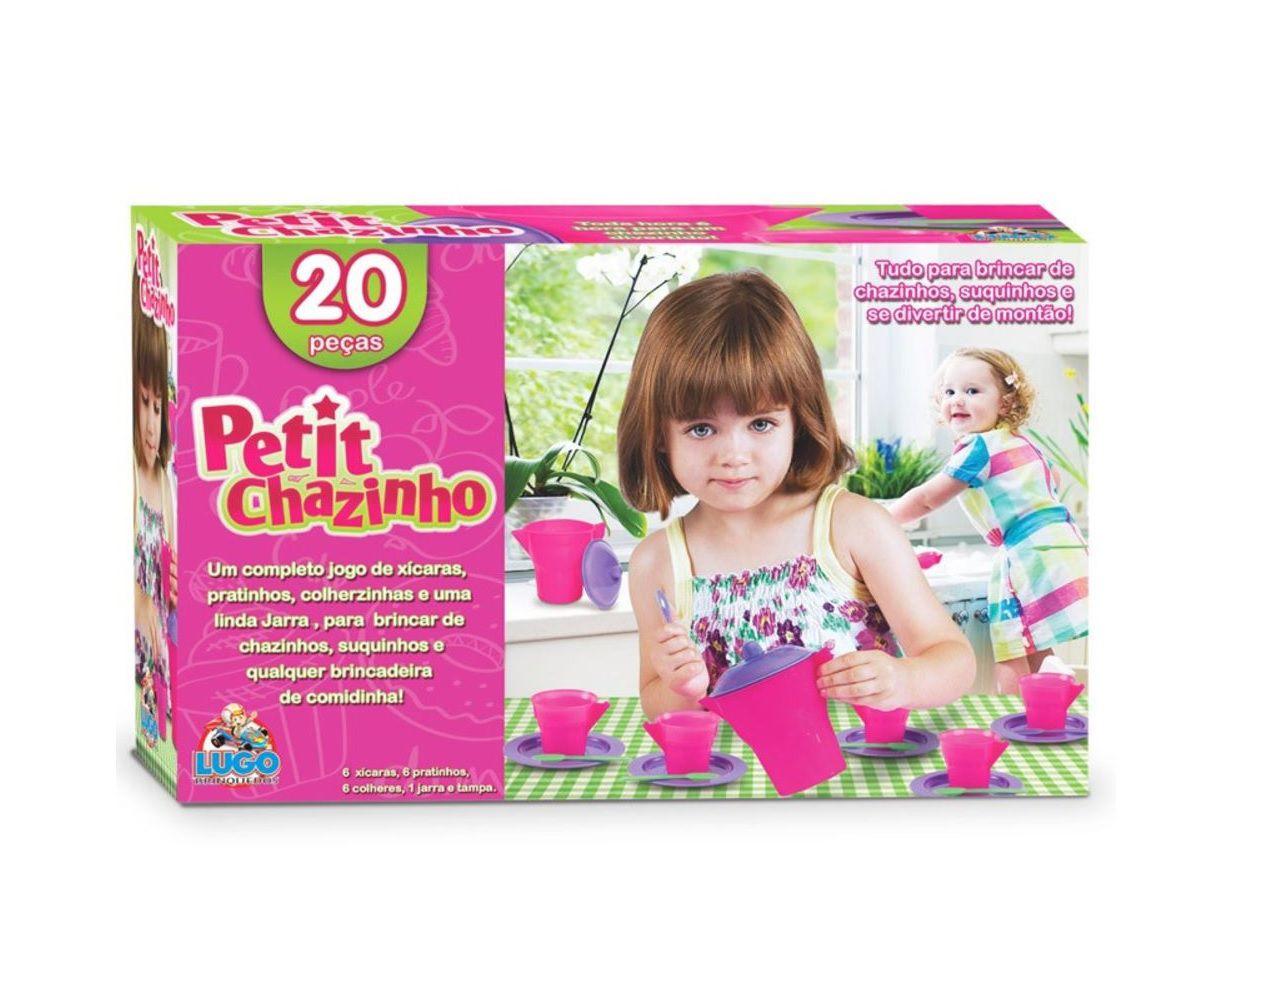 Conjunto de Xícaras Petit Chazinho com 20 Peças - Lugo Brinquedos